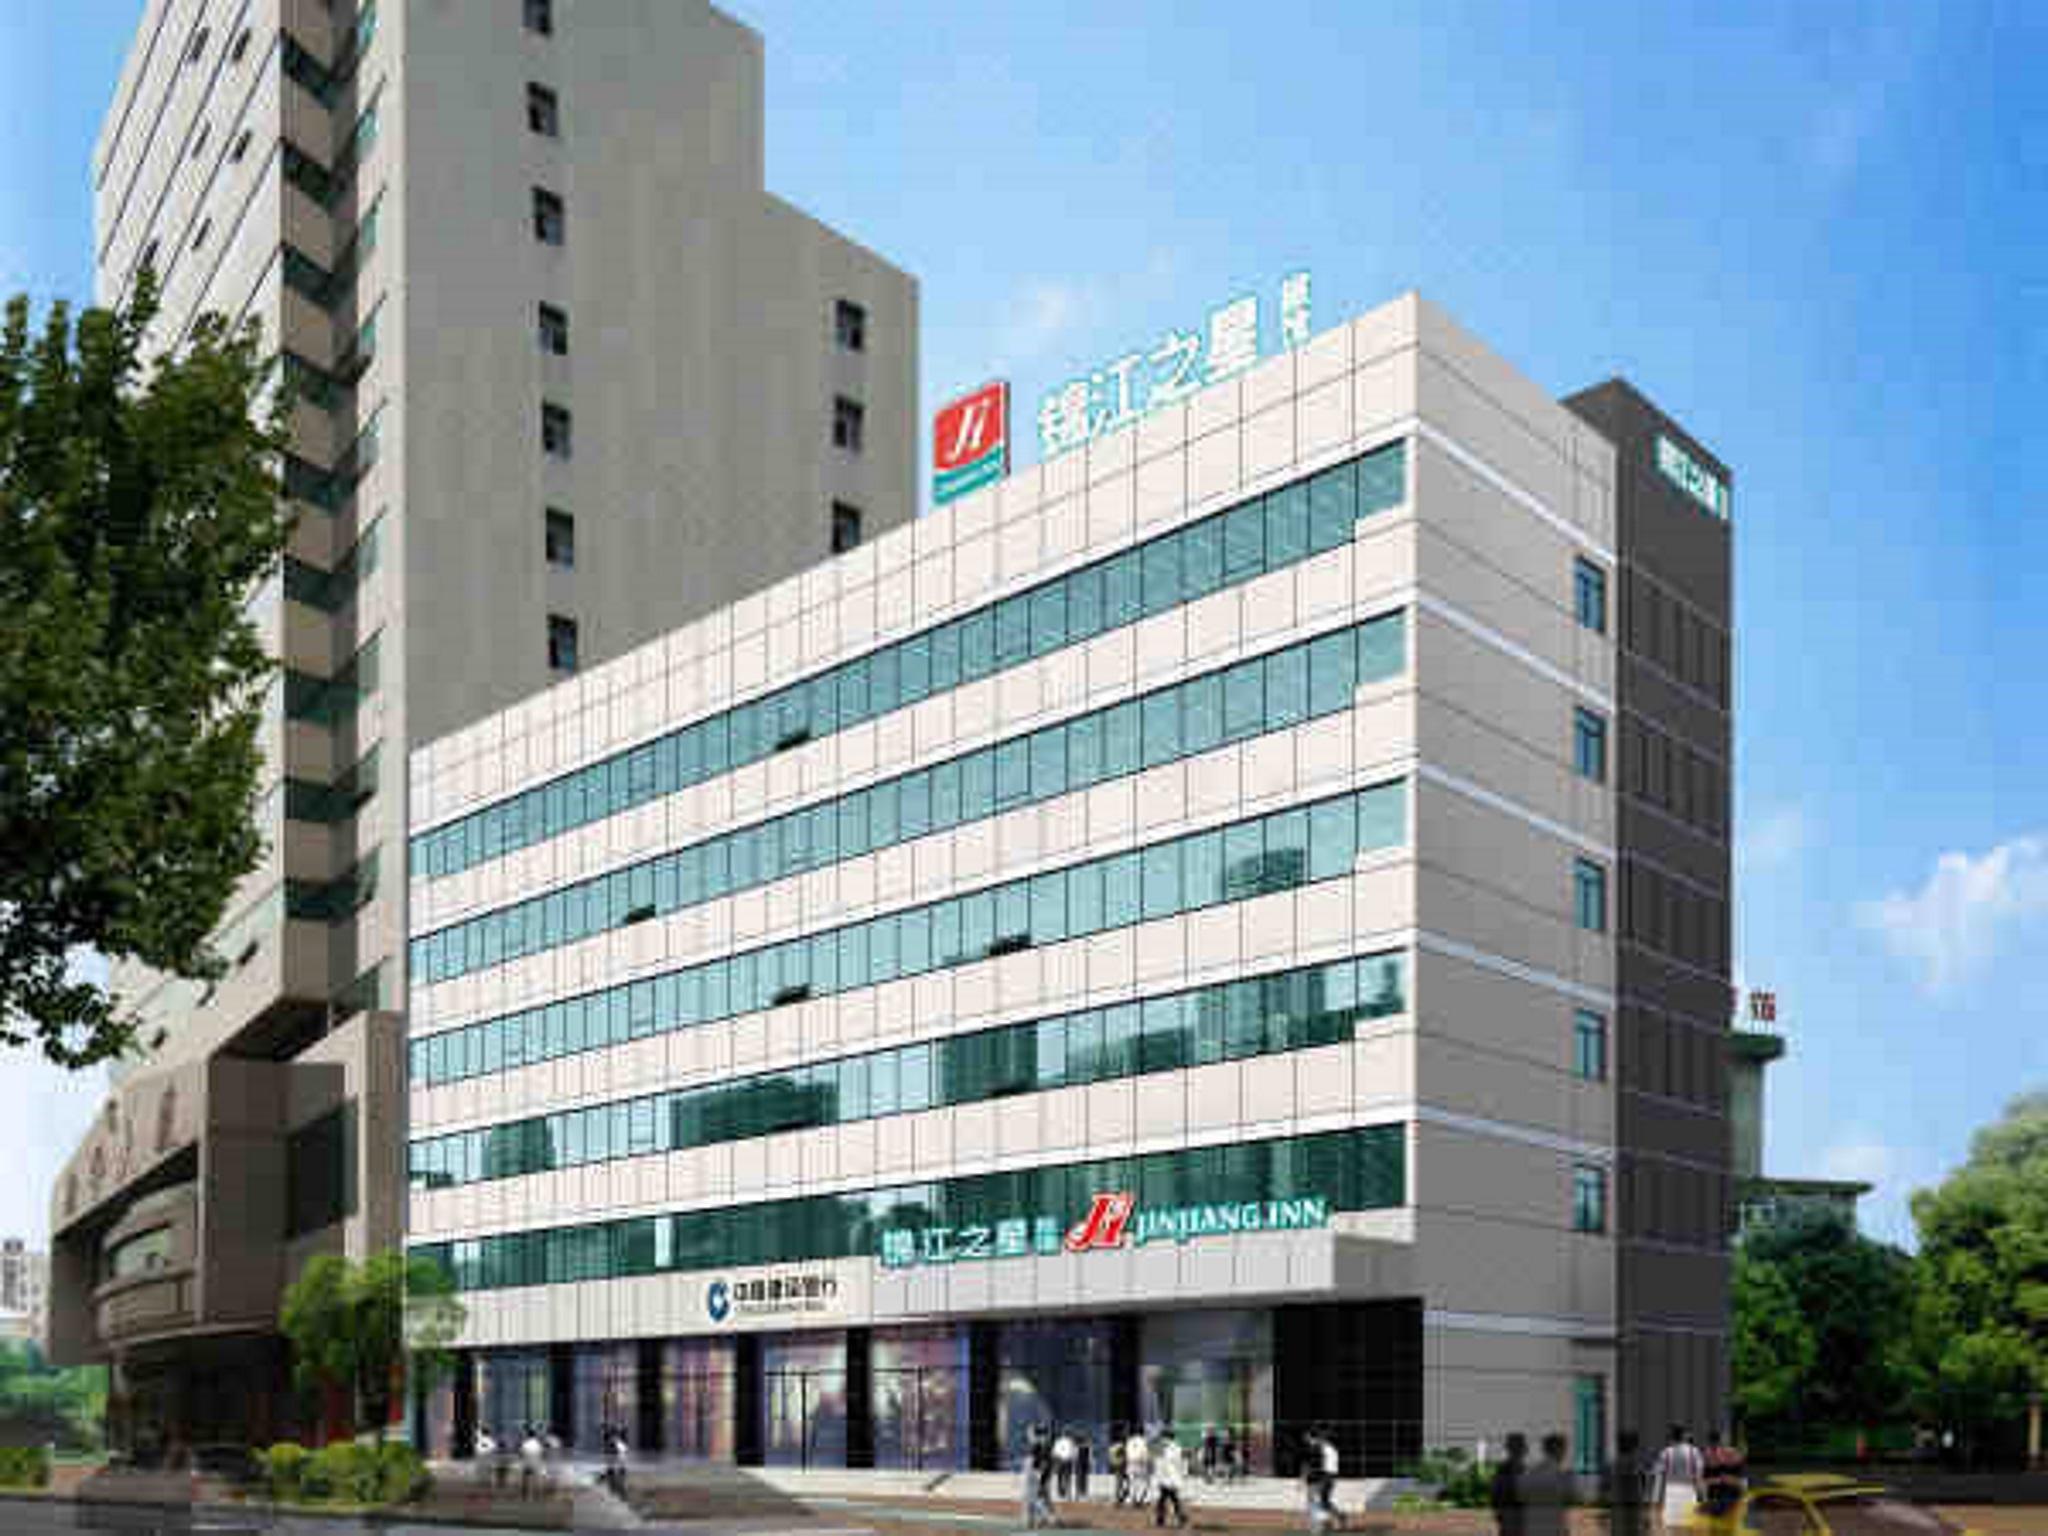 Jingjiang Inn Weifang Xinghua Road Branch